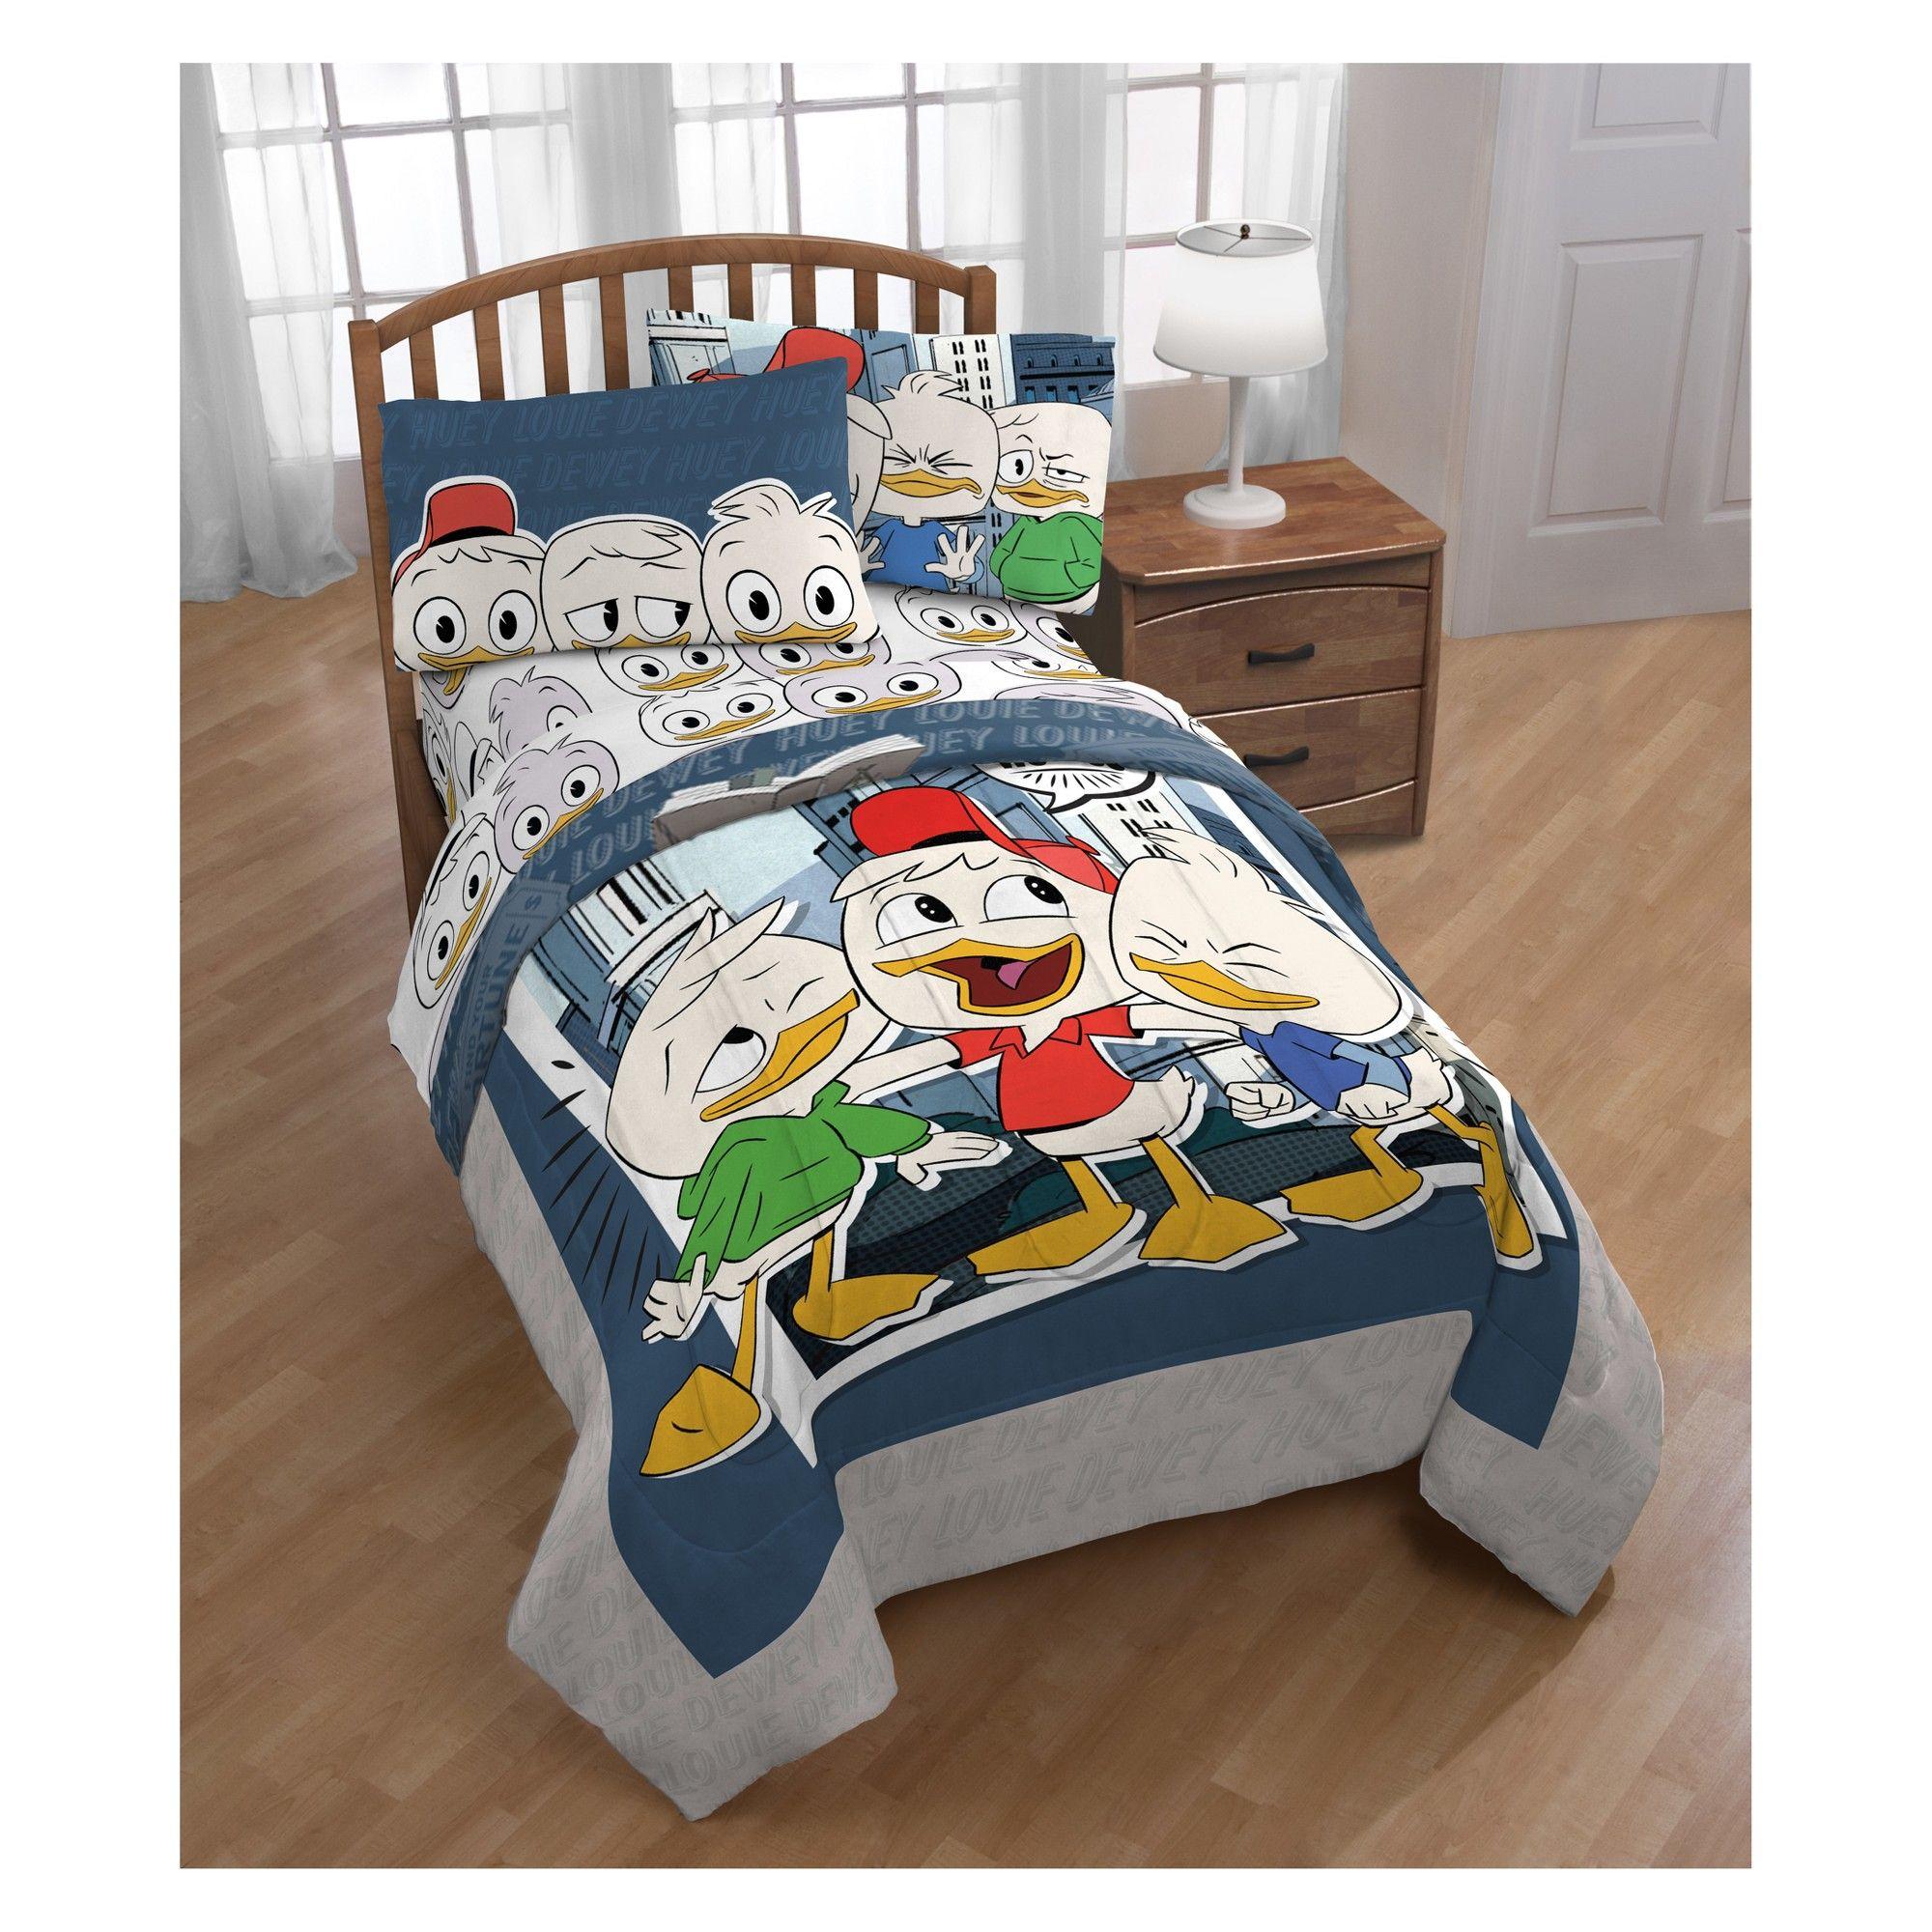 Ducktales Twin Comforter Navy Twin Comforter Twin Sheet Sets